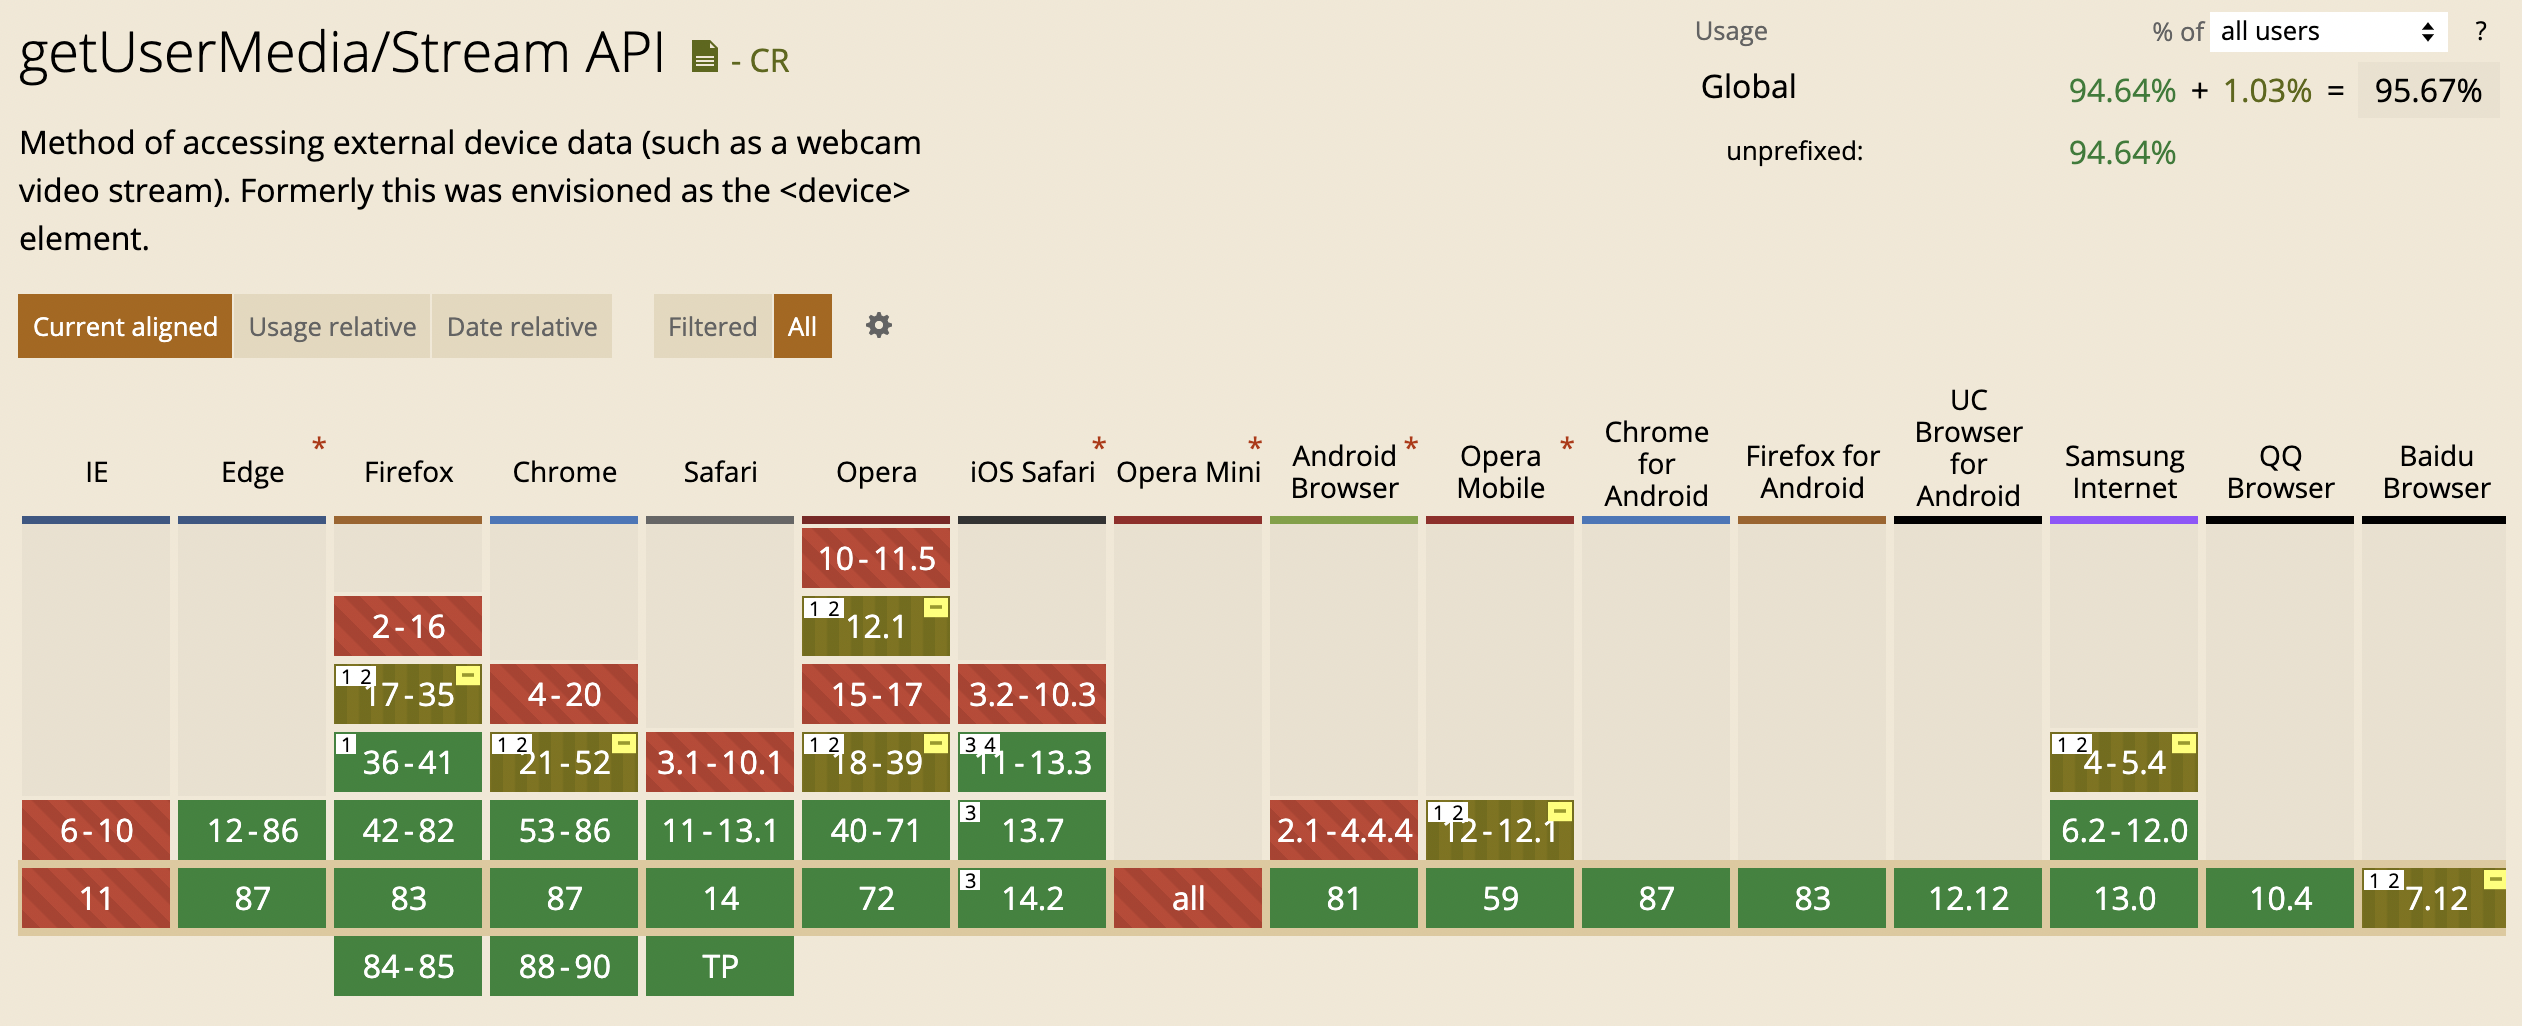 スクリーンショット 2020-12-15 0.02.11.png (874.1 kB)